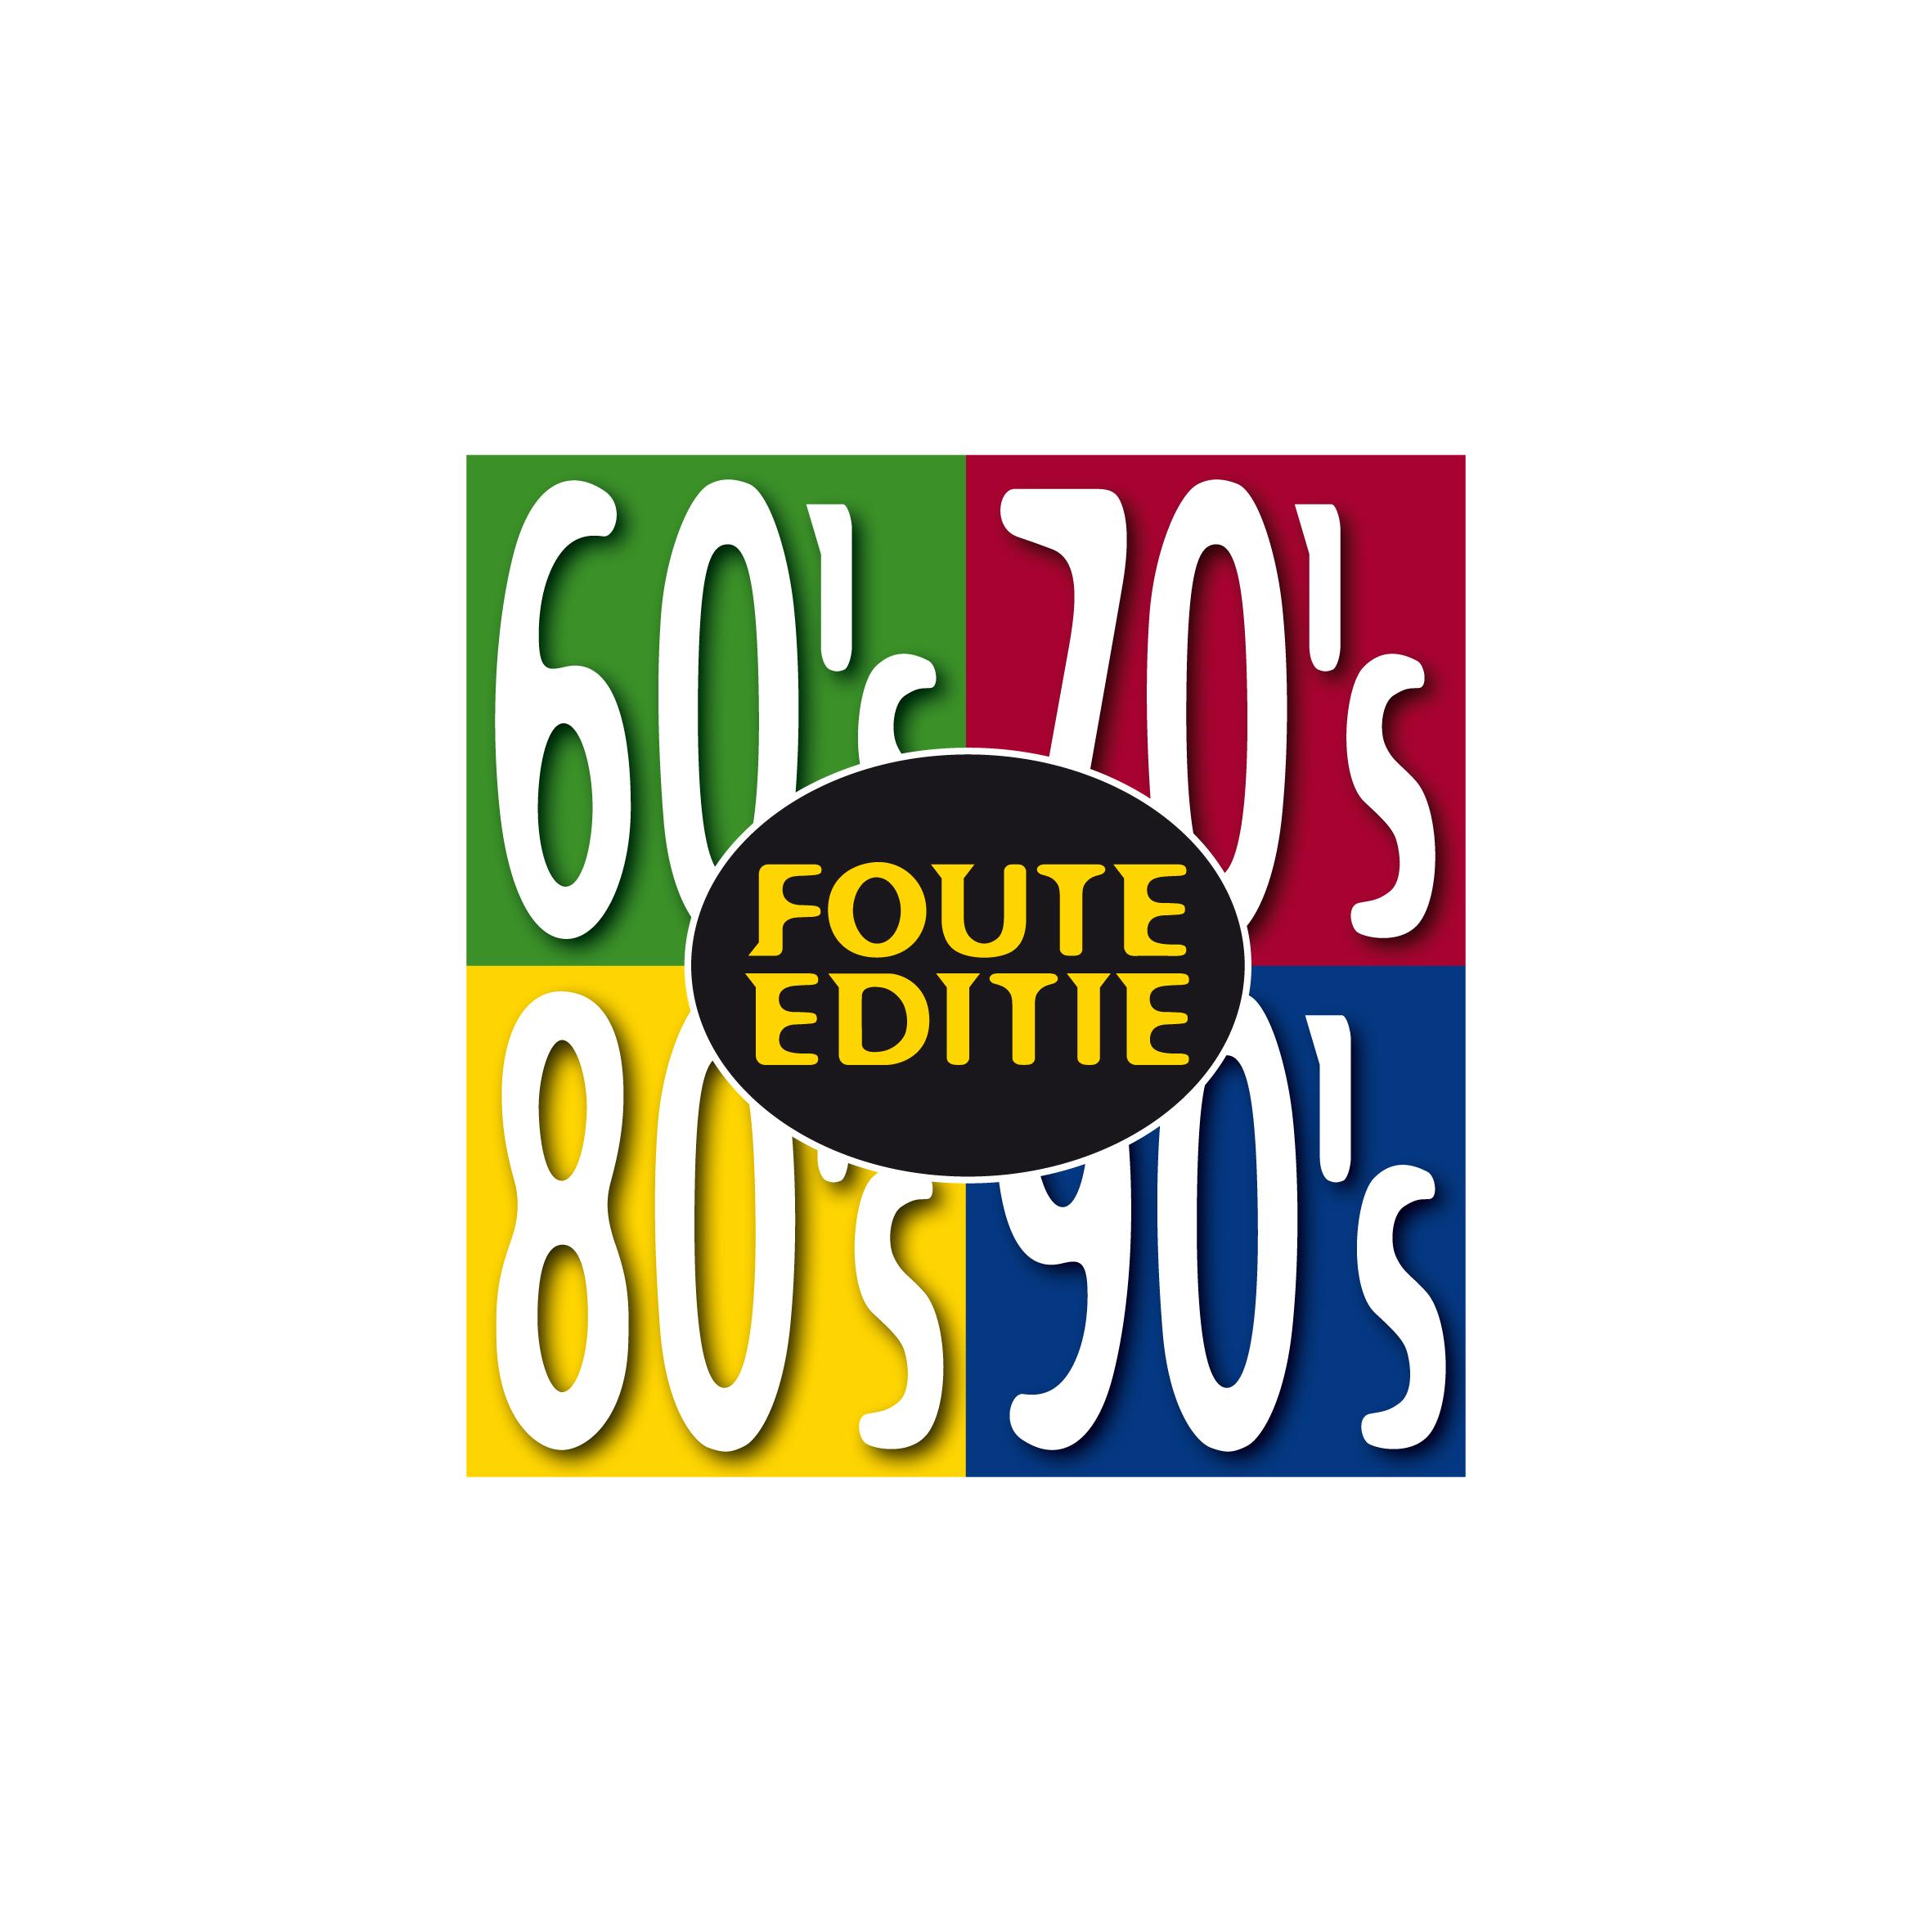 Golden Years - De Foute Editie